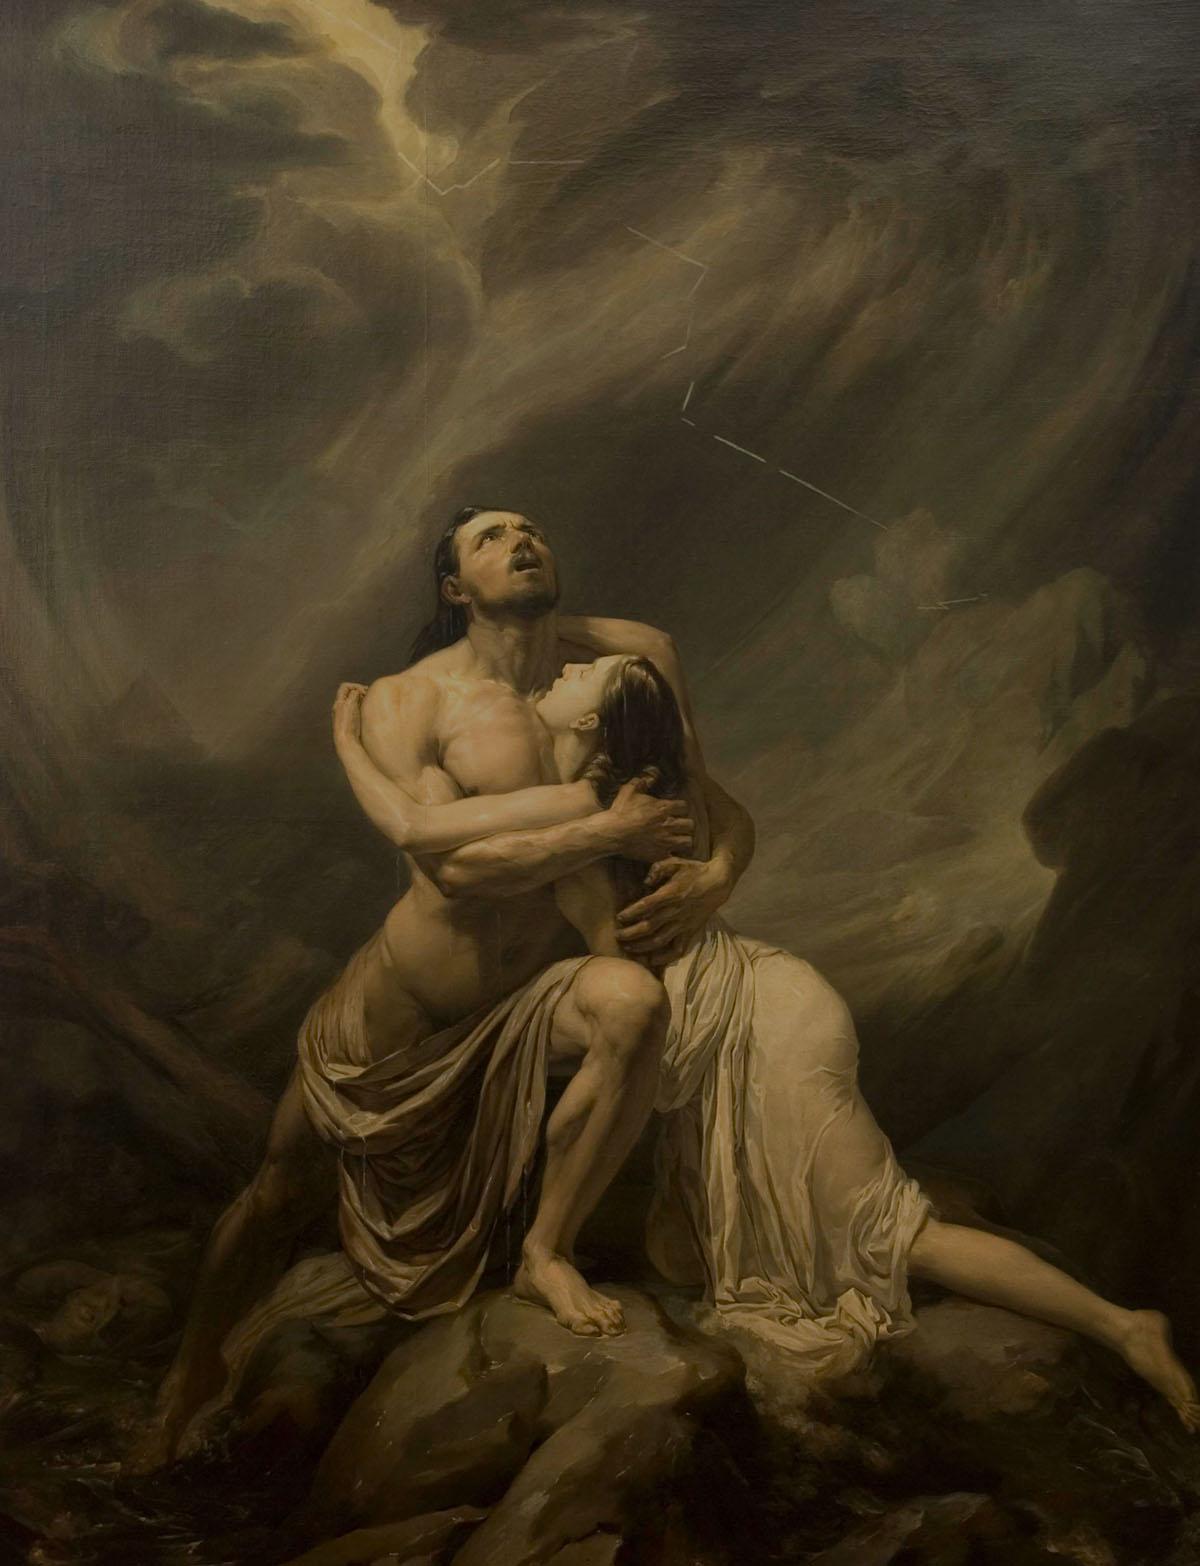 Il diluvio - Filippo Giuseppini,1836